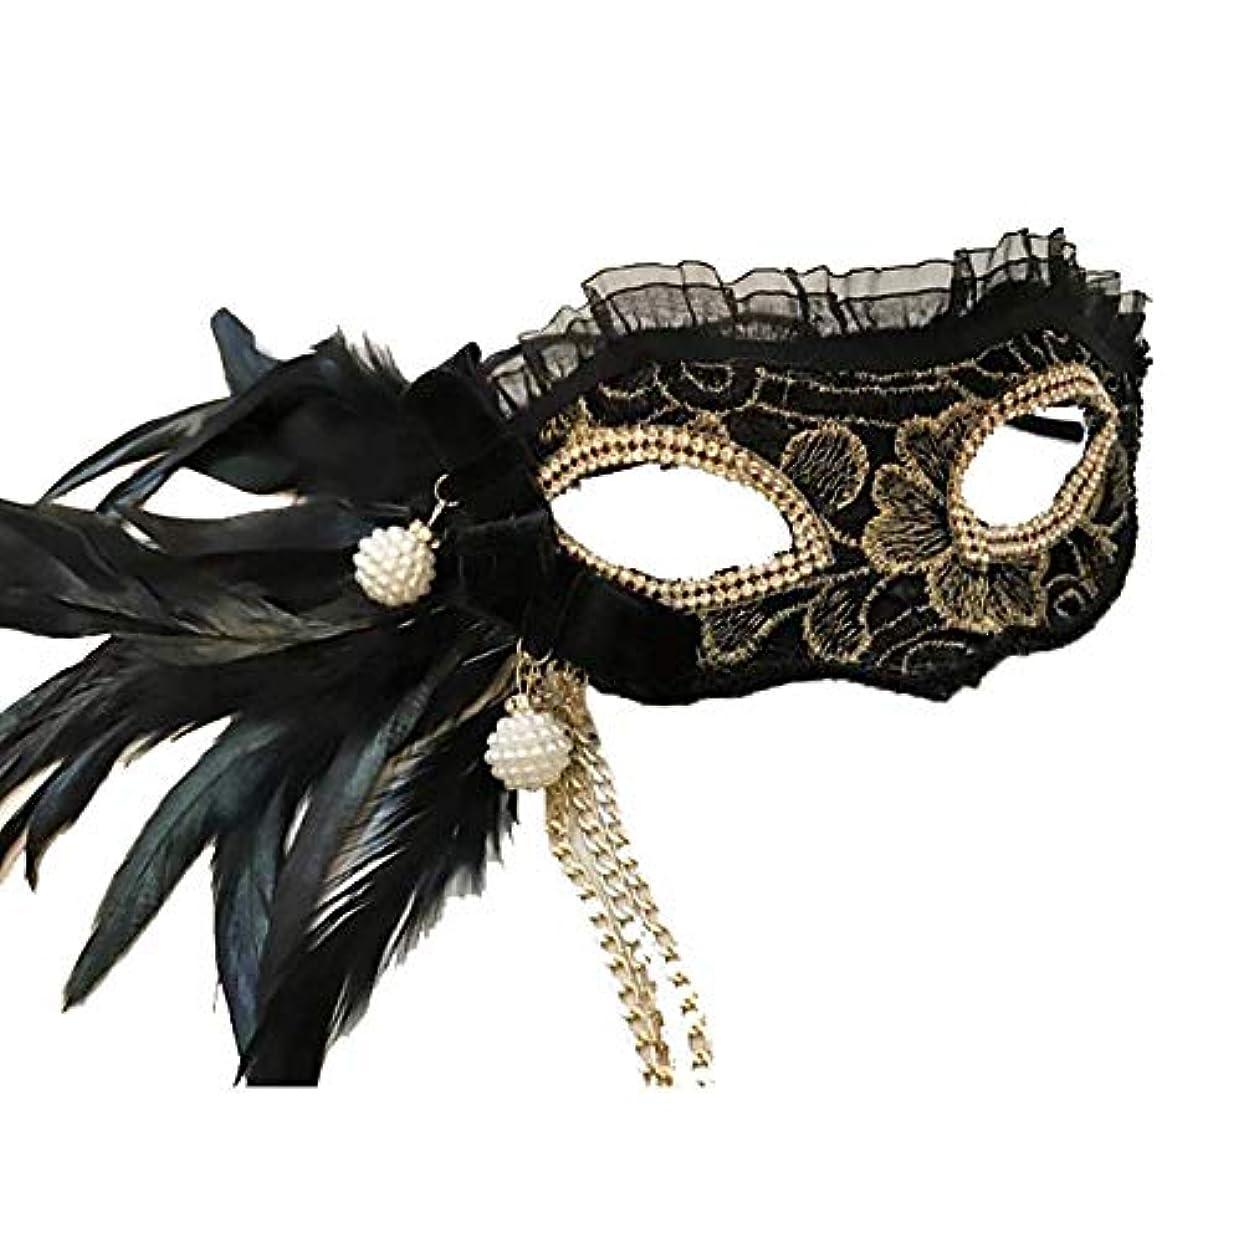 比較的その後葉っぱNanle ハロウィンクリスマスフェザー刺繍フリンジフラワービーズマスク仮装マスクレディミスプリンセス美容祭パーティーデコレーションマスク (色 : Style A)